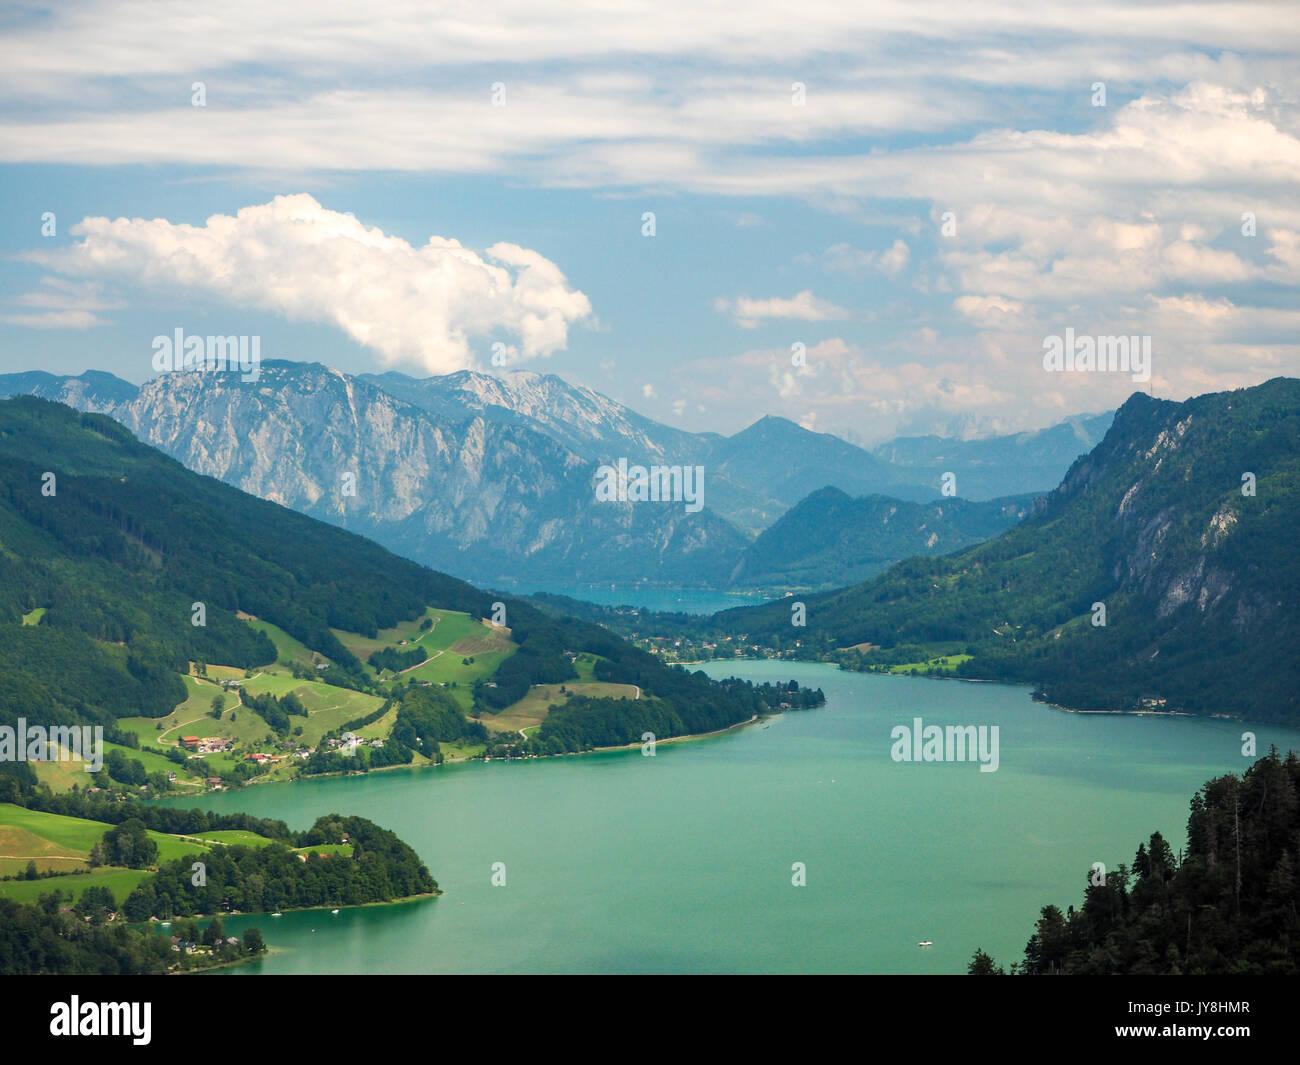 Klettersteig Mondsee : Mondsee und attersee blick von der drachenwand rock klettersteig